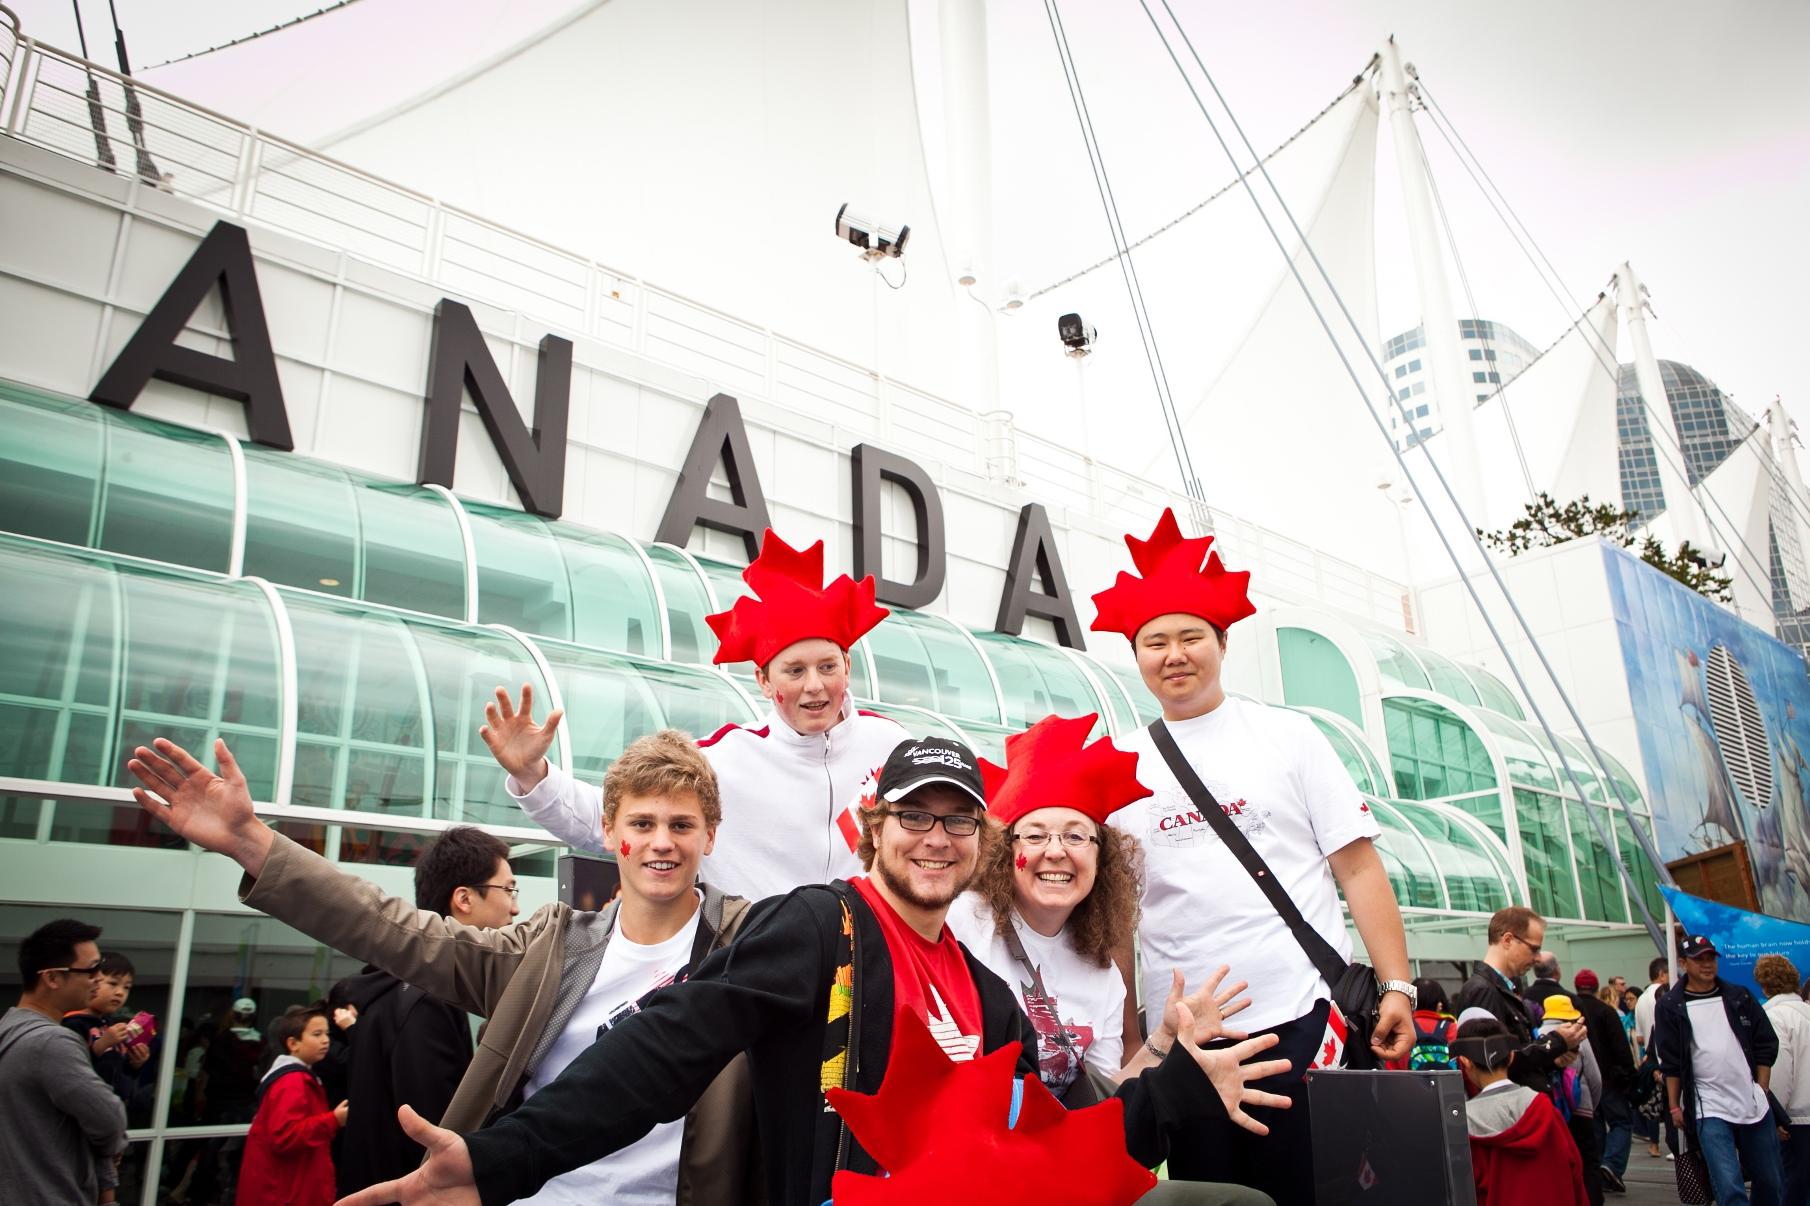 Обучение английскому языку в Канаде